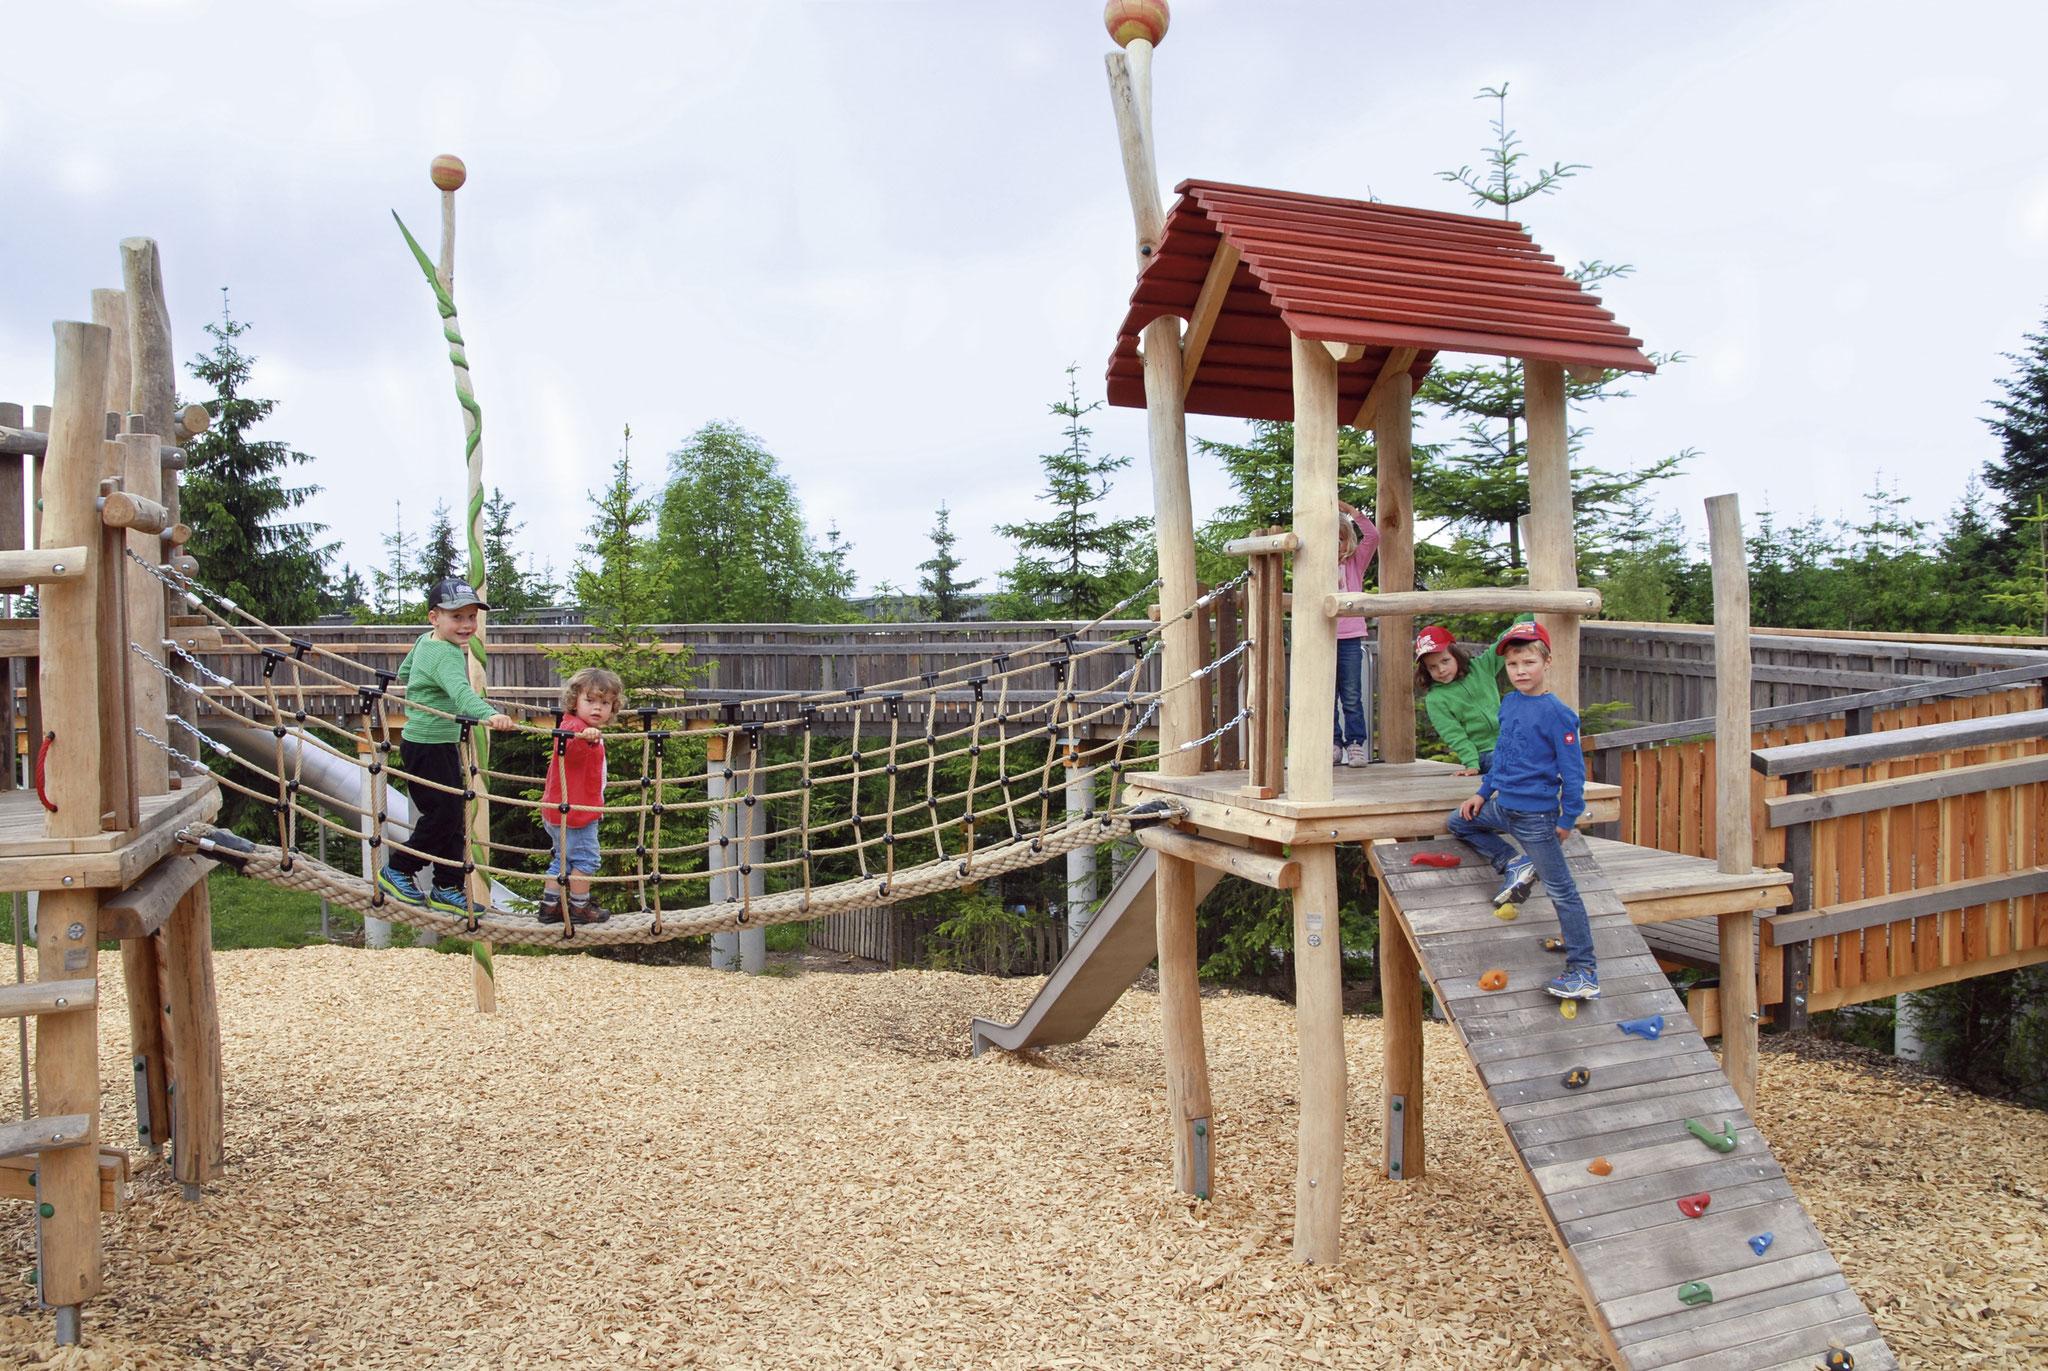 Entlang des WaldWipfelWeges gibt es zahlreiche Spiel- und Freizeitmöglichkeiten für die Kinder - © WaldWipfelWeg GmbH